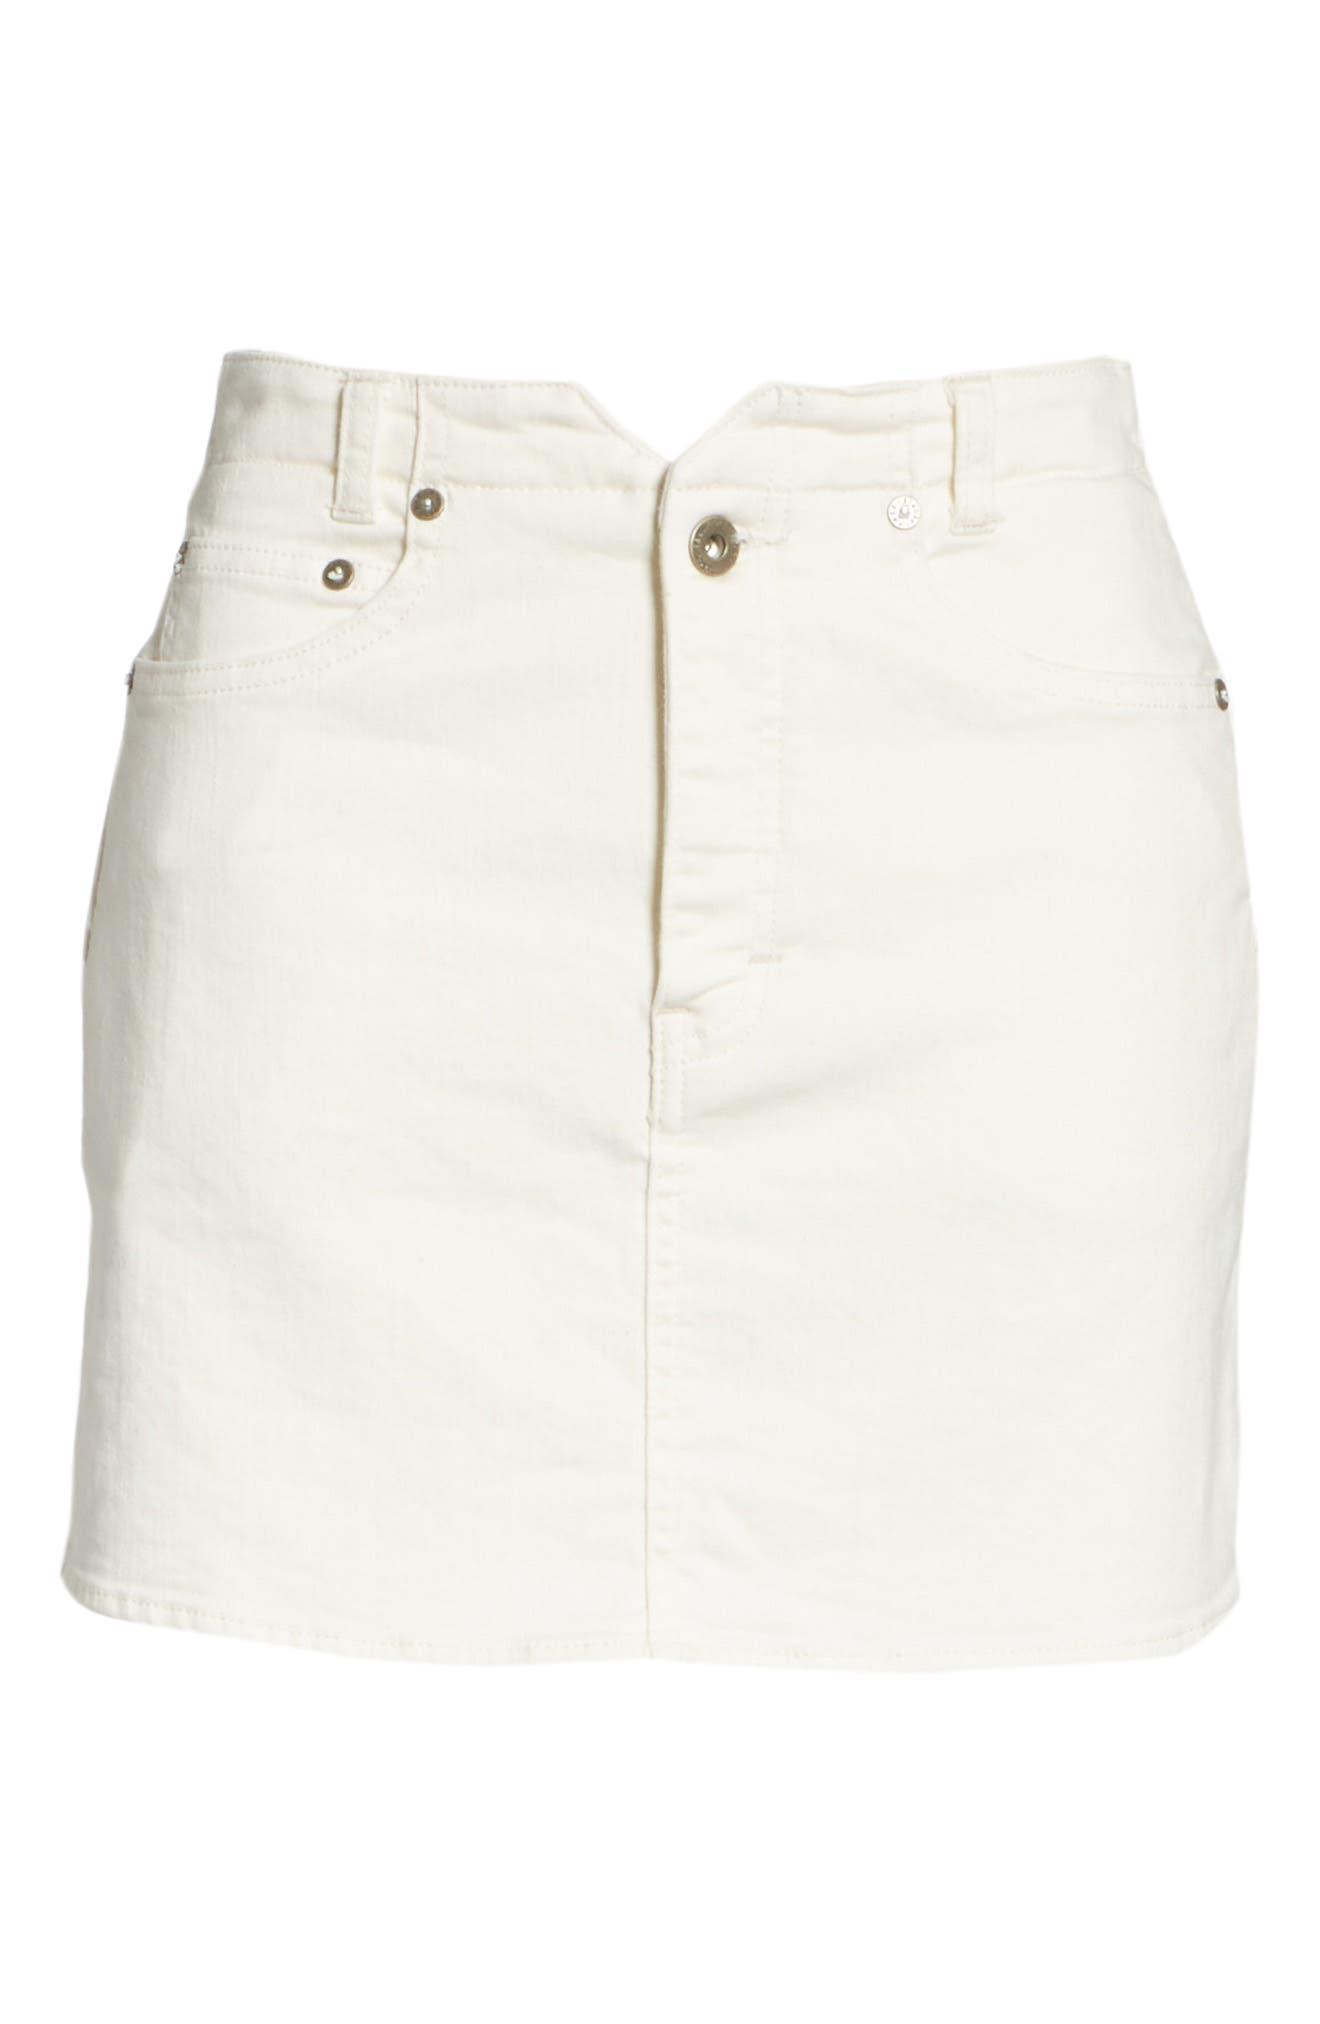 She's All That Denim Skirt,                             Alternate thumbnail 6, color,                             White